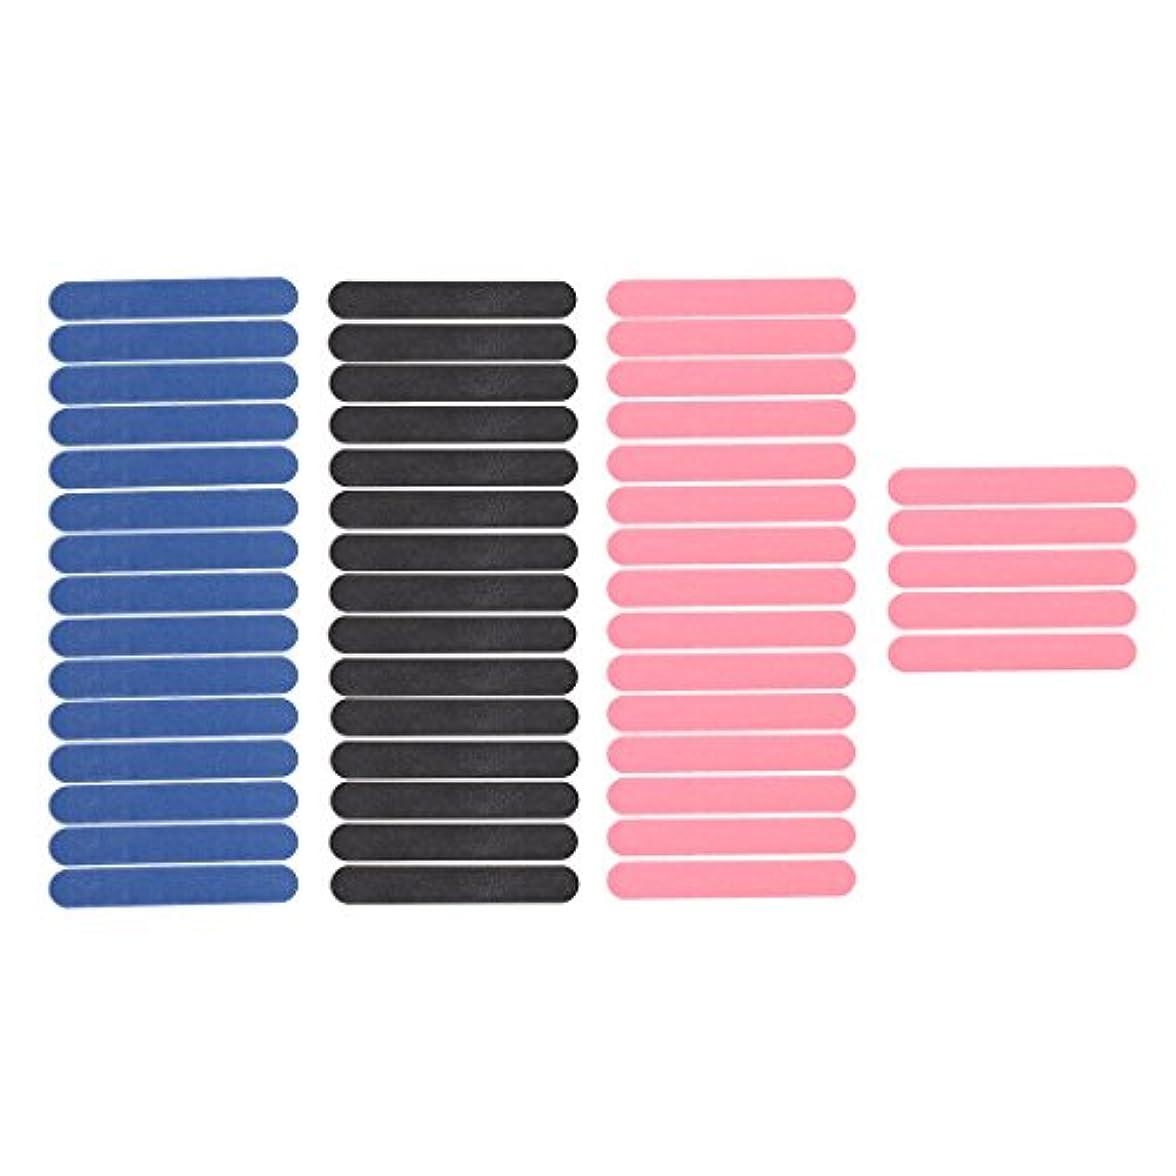 特権的好み皮肉なInjoyo 50枚パックミニネイルアートサンディングサロンバッファーファイルサンドペーパーUVジェルポリッシャーマニキュアツールブラック/ピンク/ブルー両面